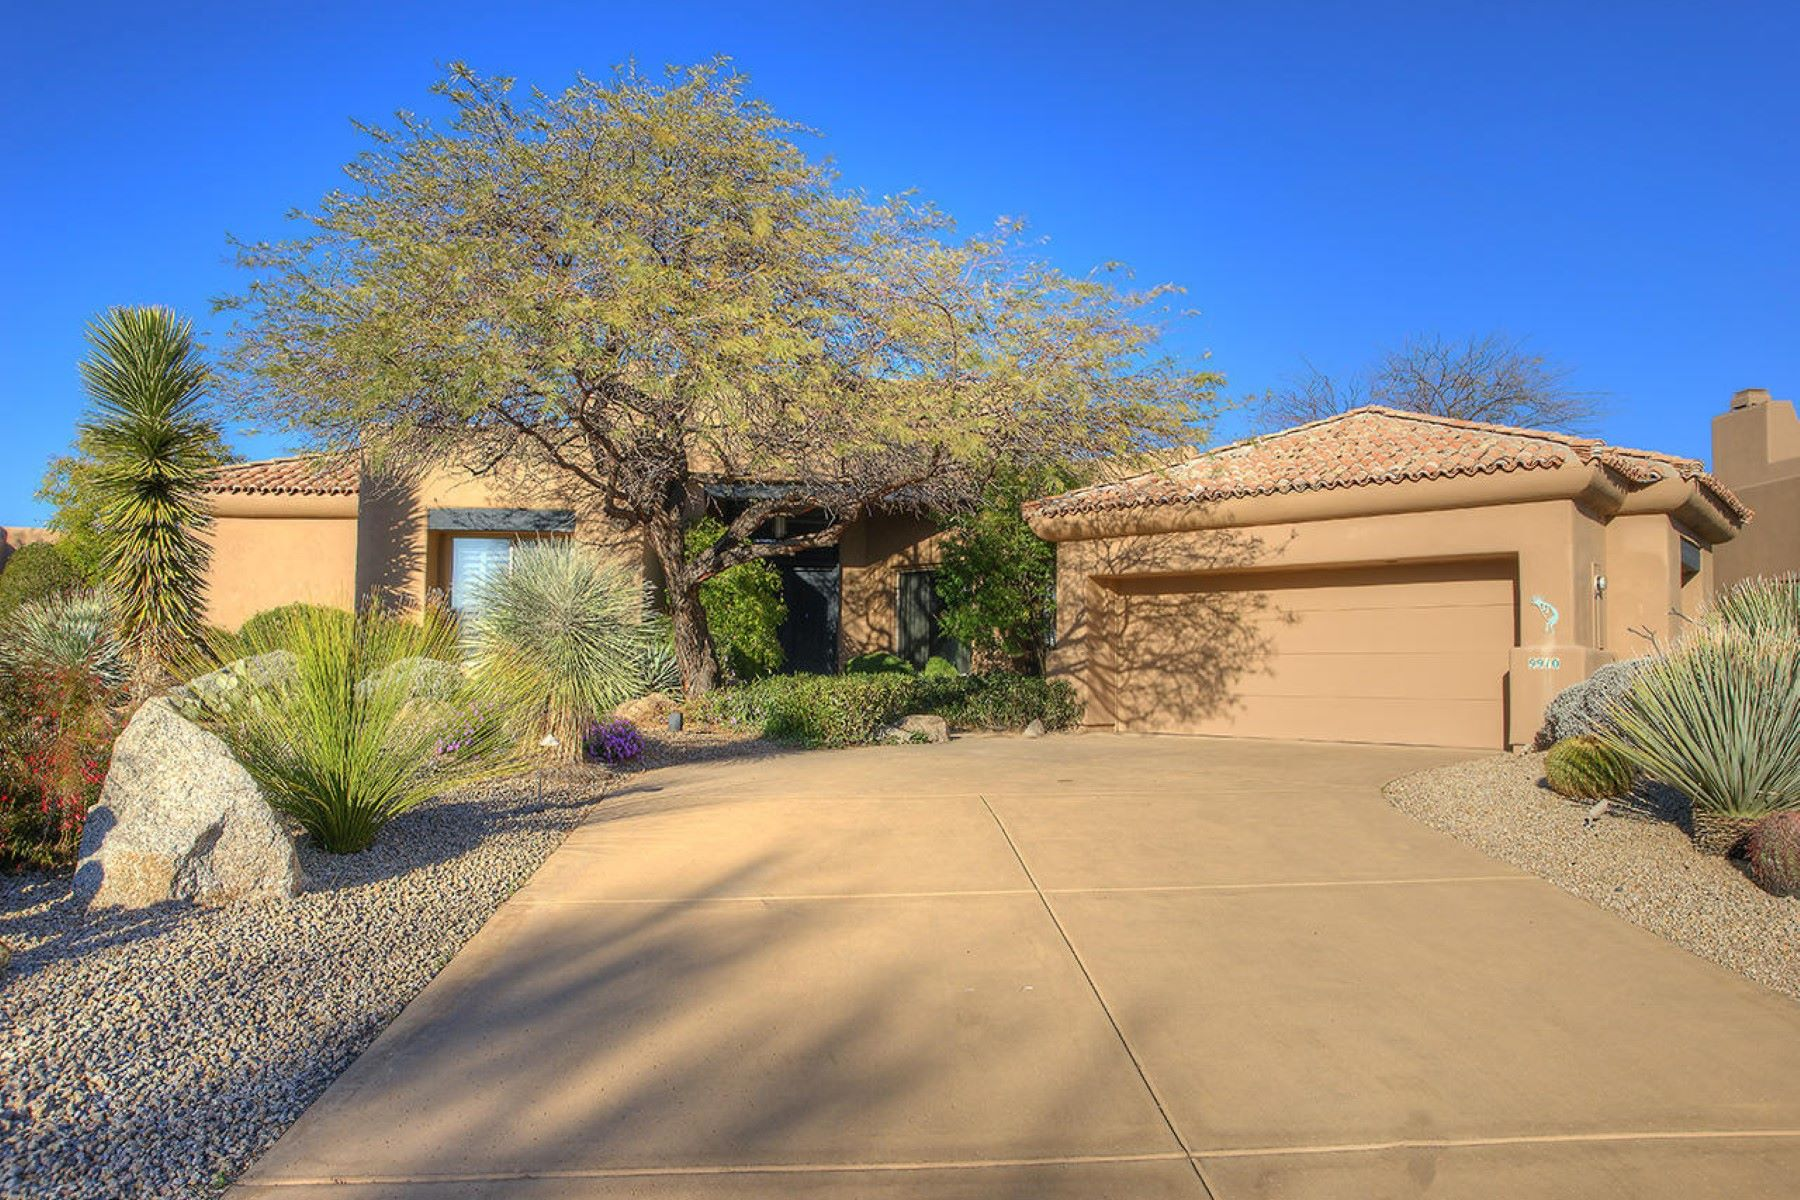 一戸建て のために 売買 アット Low maintenance lock and leave home on the 8th fairway 9910 E Hidden Green Dr Scottsdale, アリゾナ, 85262 アメリカ合衆国